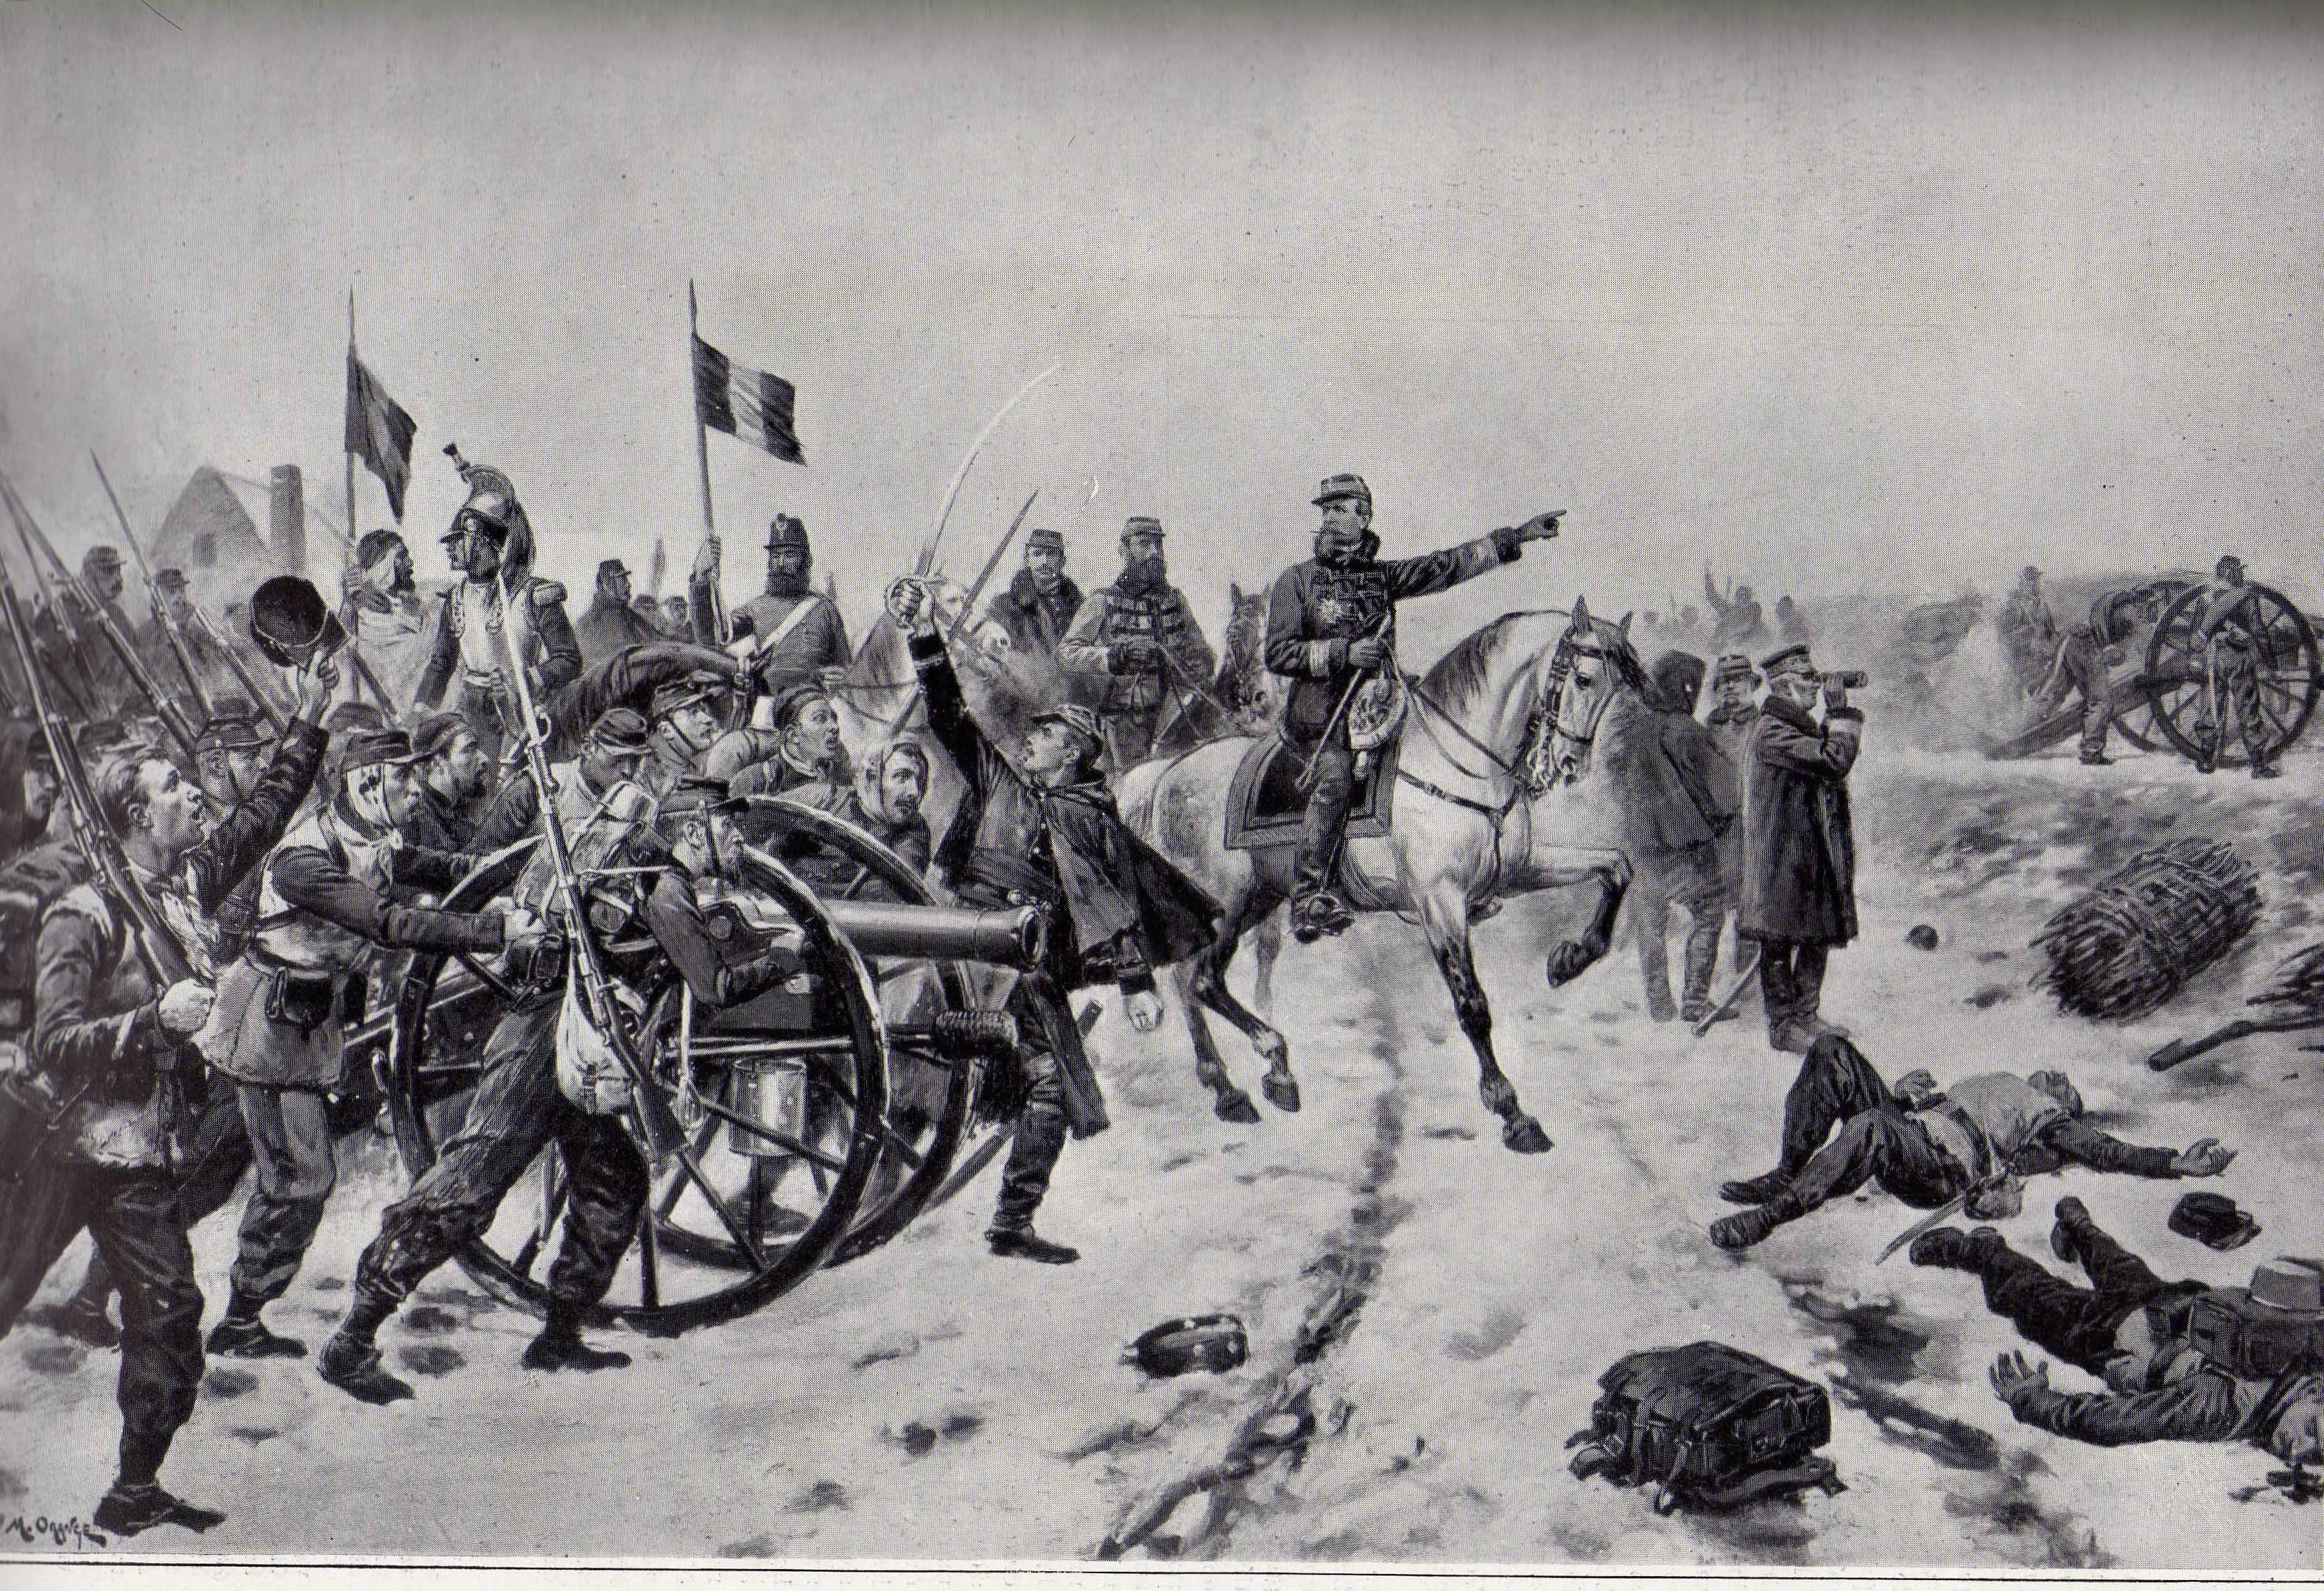 Champagné - Militaires - Autres guerres - Le général Chanzy à la bataille du Mans - Tableau de Maurice Orange - Janvier 1871 (Source Internet, Wikimedia Commons)